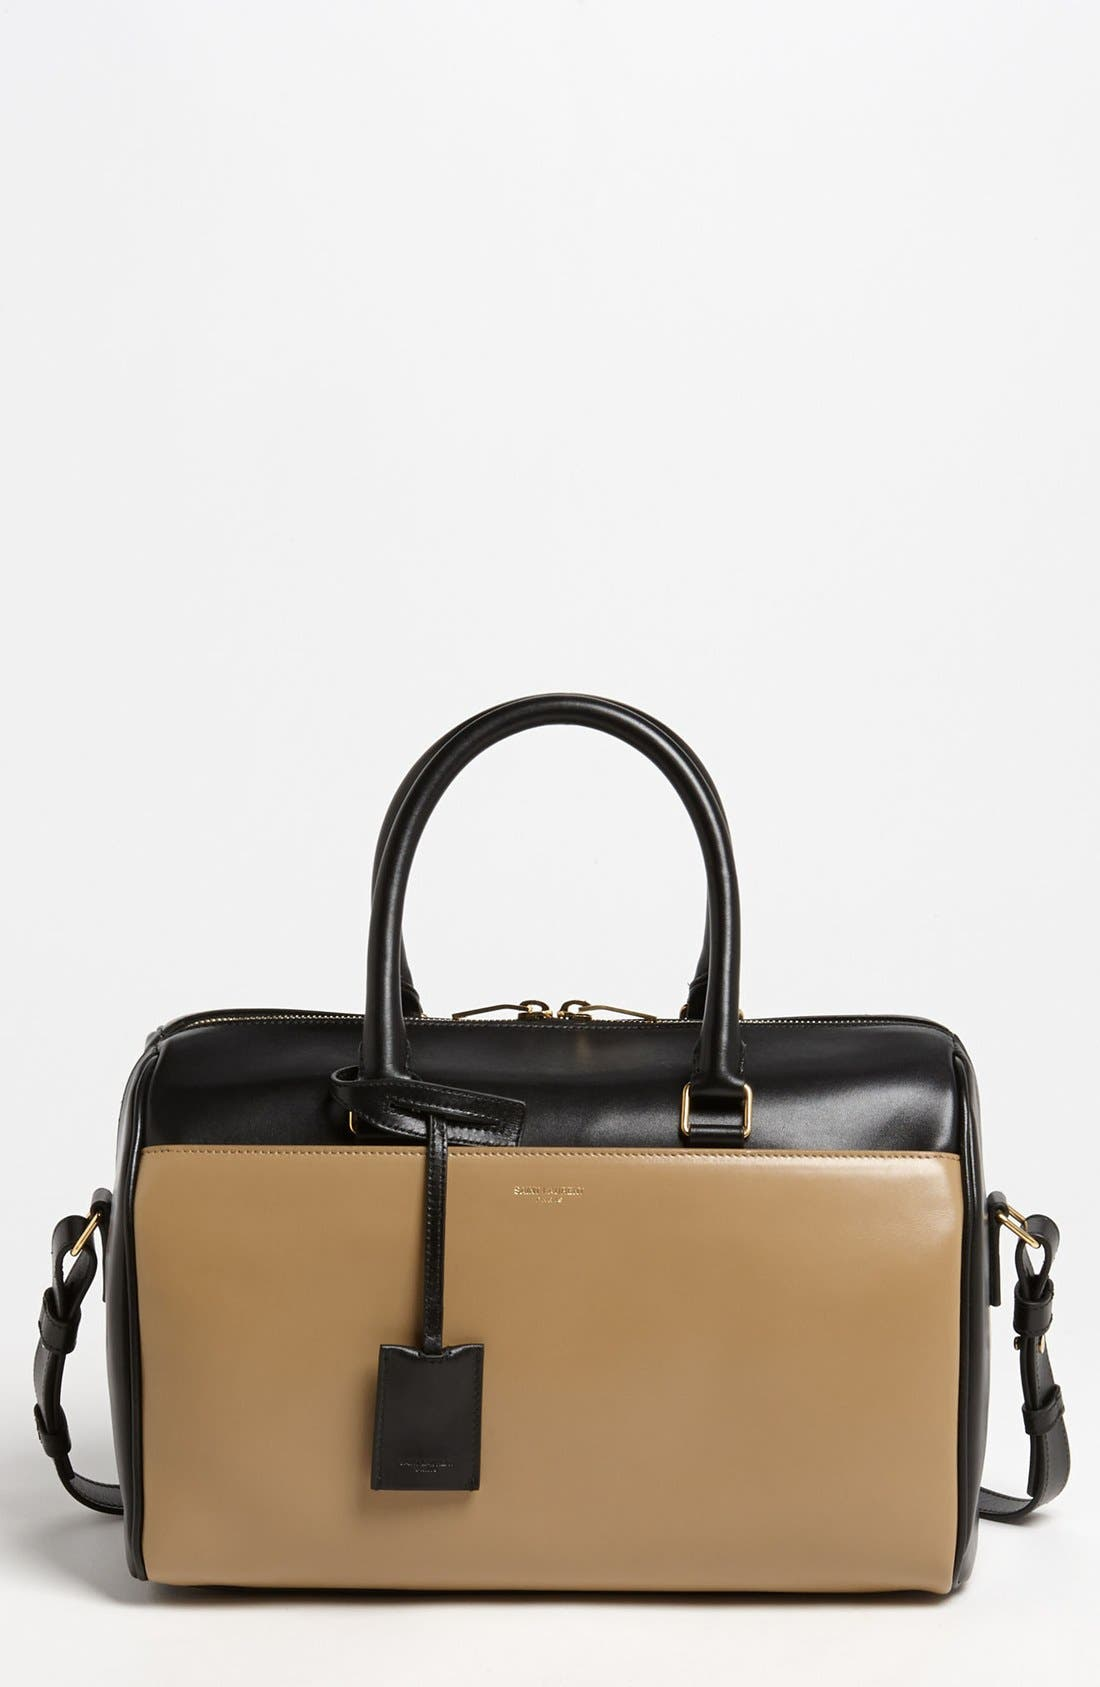 Main Image - Saint Laurent 'Duffel 6' Leather Satchel